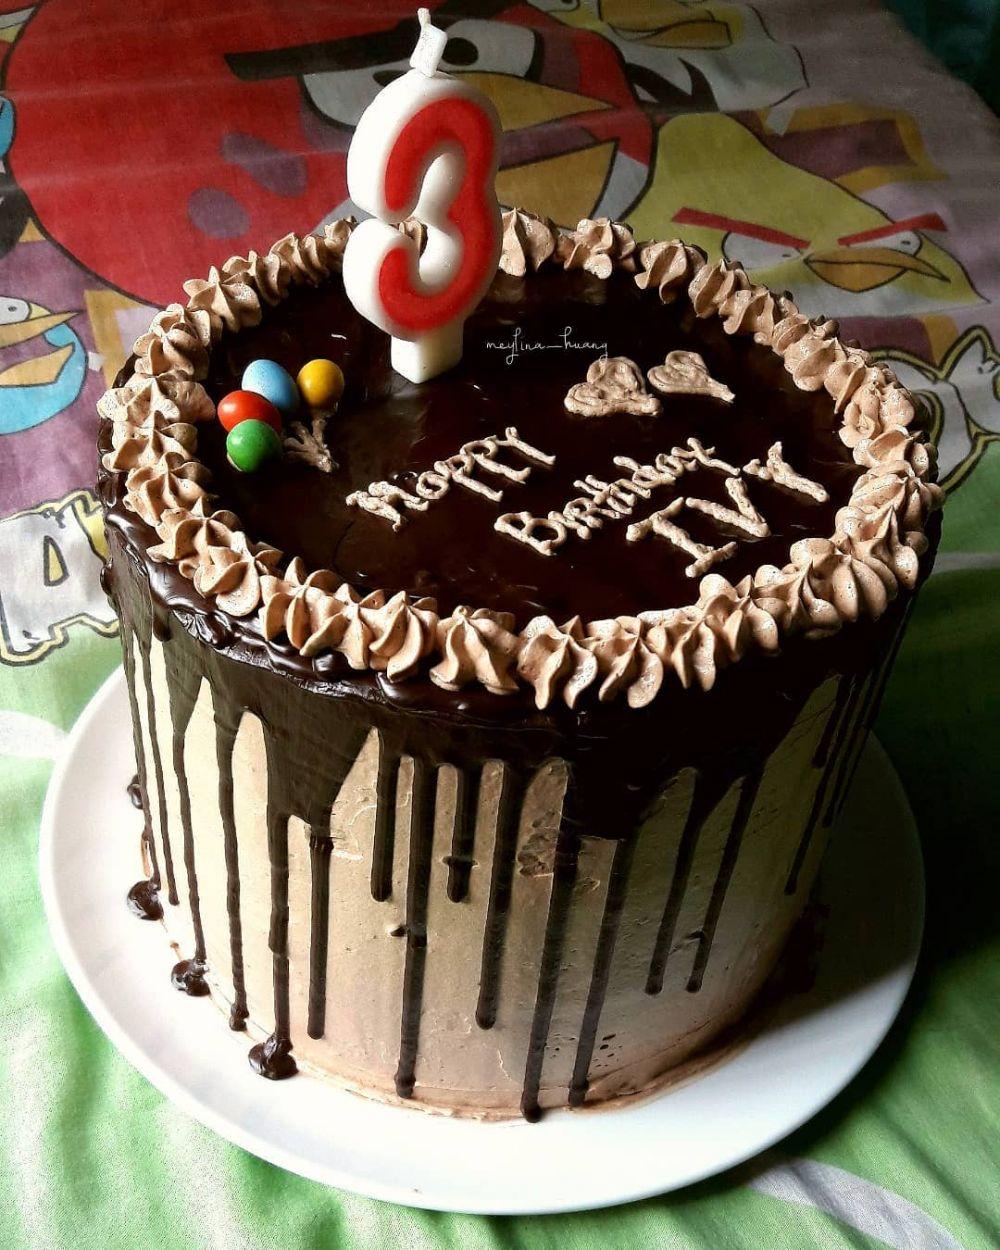 Kue Ultah Coklat Simple : ultah, coklat, simple, Membuat, Ulang, Tahun, Enak,, Sederhana, Cantik